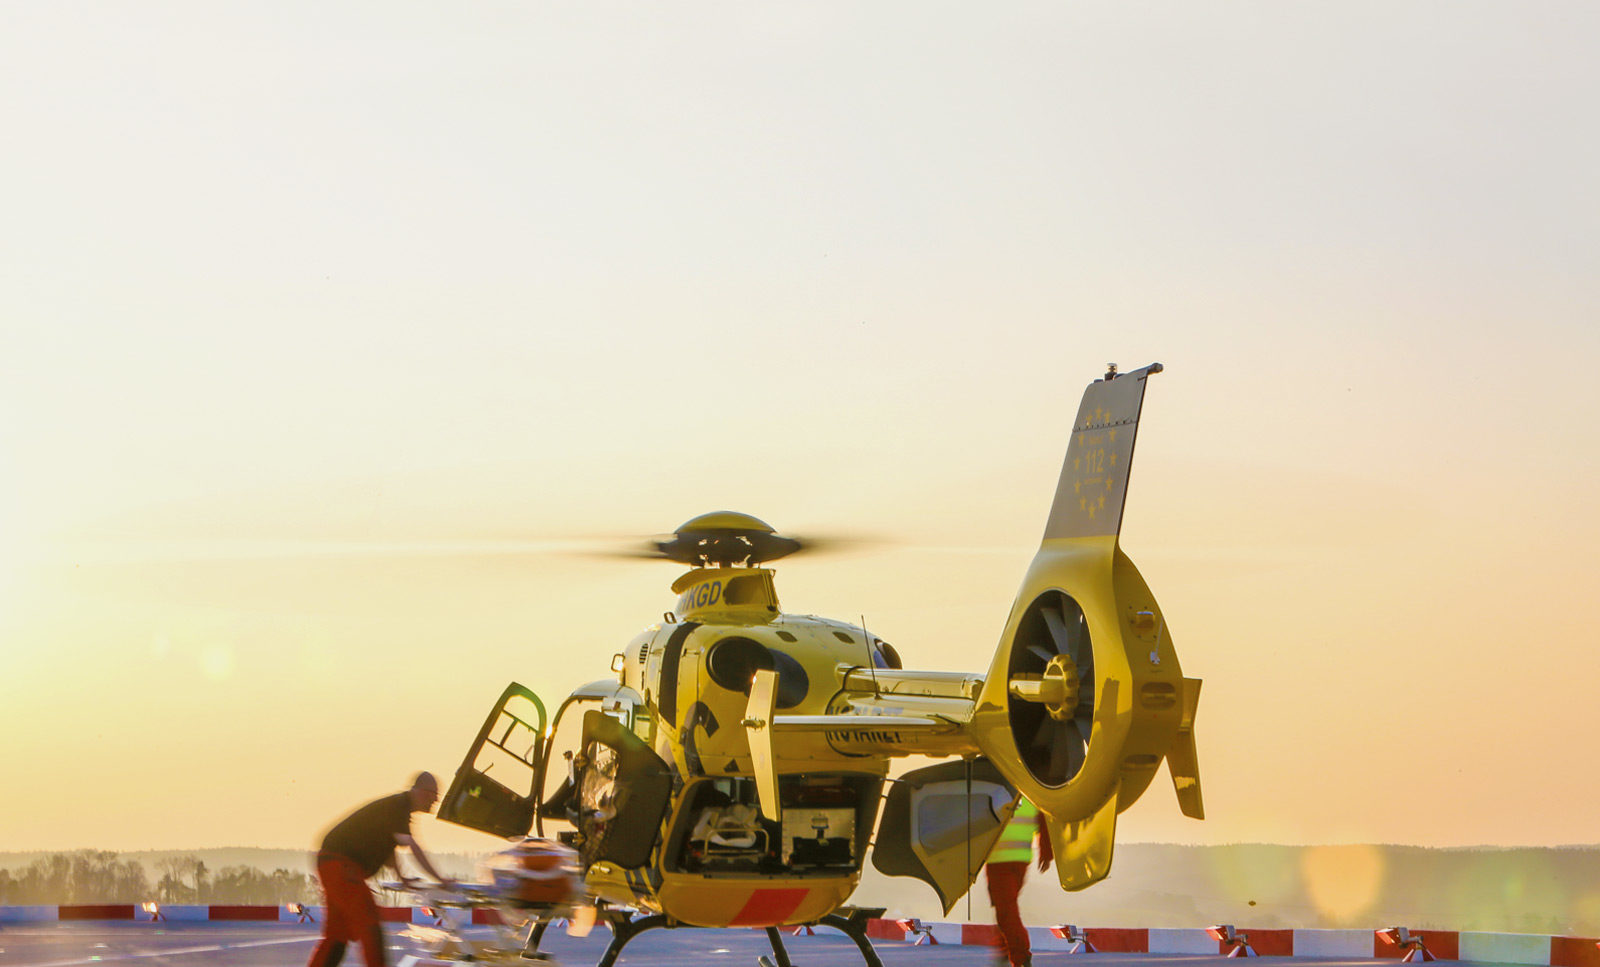 Rettung aus Lebensgefahr mit Hubschrauber der ADAC Luftrettung